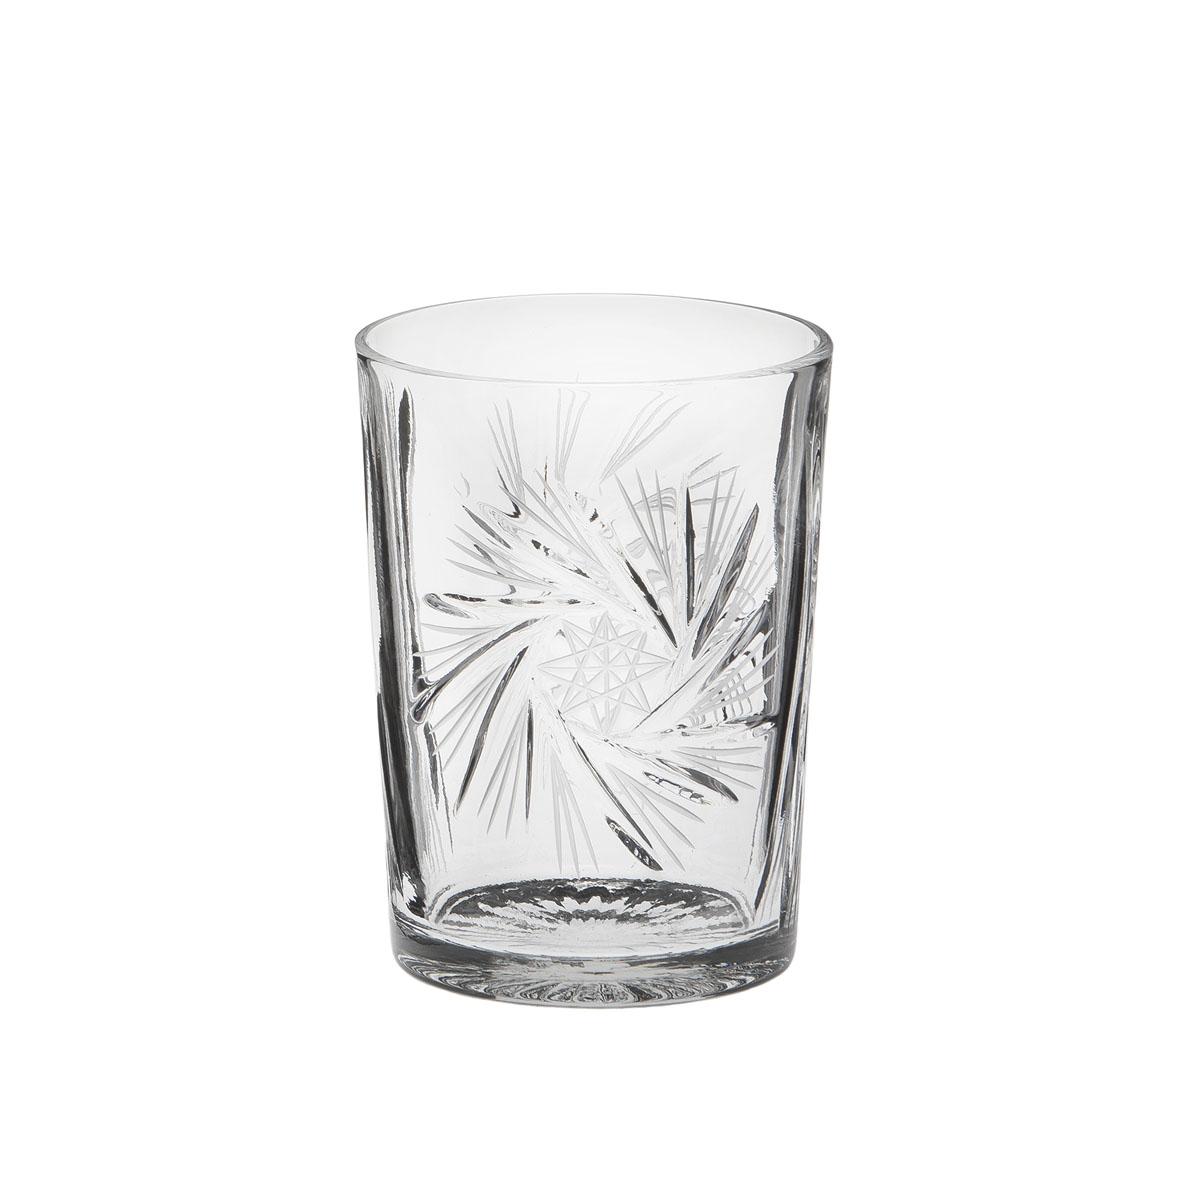 Стакан Дятьковский хрусталь Пинвилл, 235 мл. С187VT-1520(SR)Хрустальные стаканы – красивое и простое решение для украшения праздничного стола. Стаканы из хрусталя универсальны, они подойдут и для алкогольных напитков – вина, шампанского, и для освежающих – минеральной воды, компота или сока. Если в вашей домашней коллекции еще нет предметов хрустальной посуды, купить хрустальные стаканы стоит обязательно.